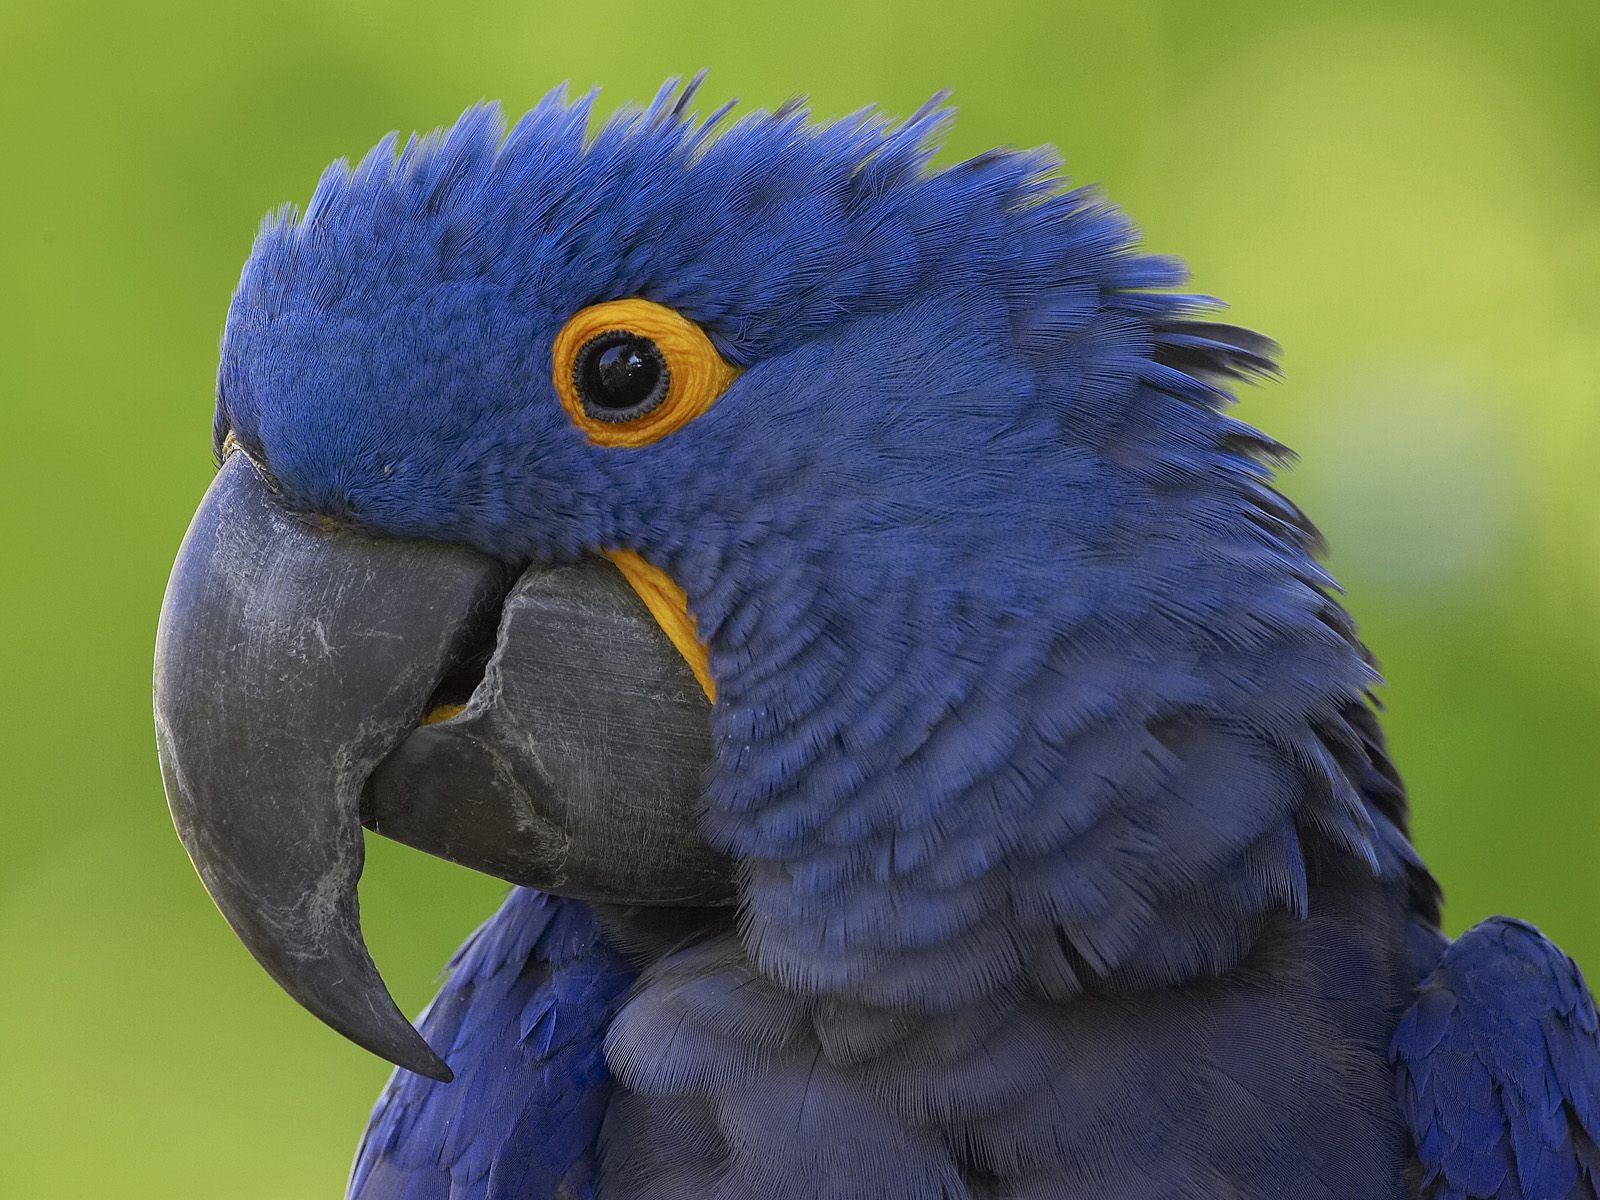 Flying Animal: Hyacinth Macaw - 325.2KB